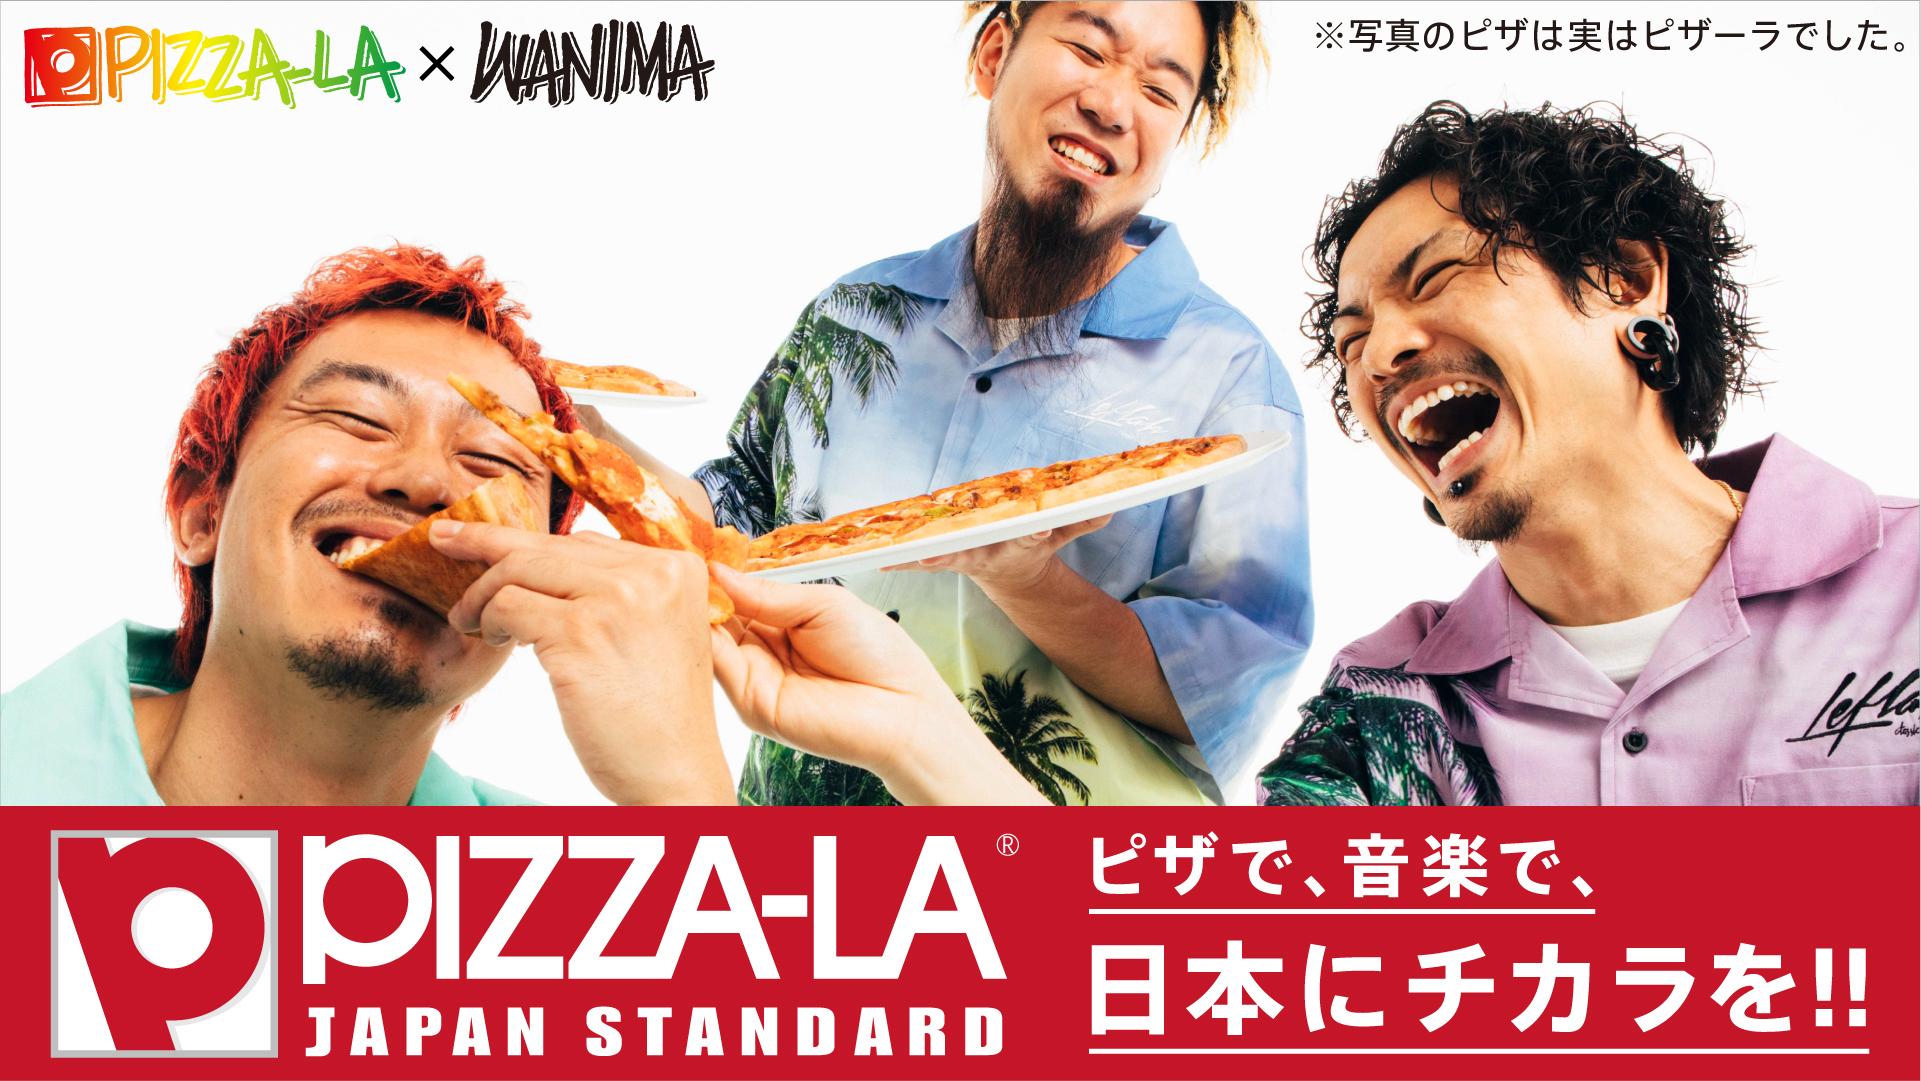 PIZZA-LA×WANIMA